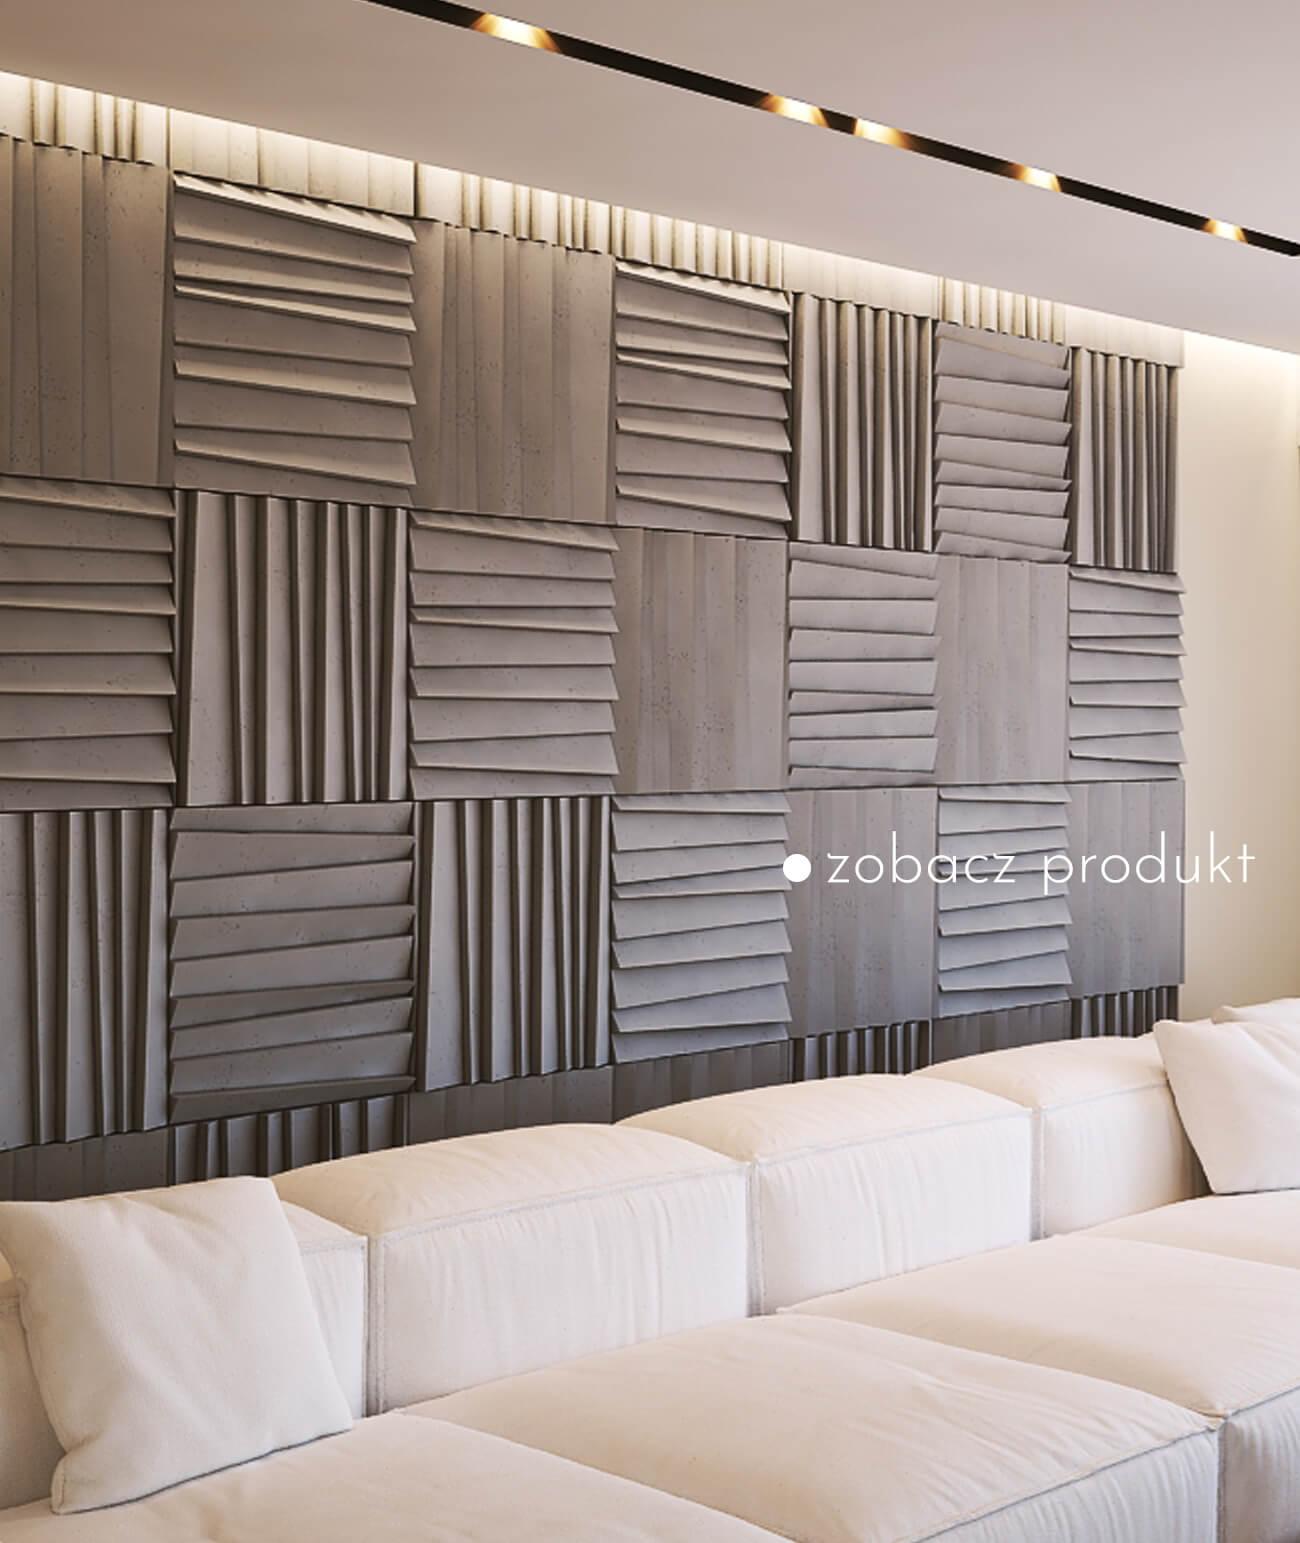 panele-betonowe-3d-scienne-i-elewacyjne-beton-architektoniczny_317-1628-pb04-b8-antracyt-zaluzje---panel-dekor-3d-beton-architektoniczny-panel-scienny